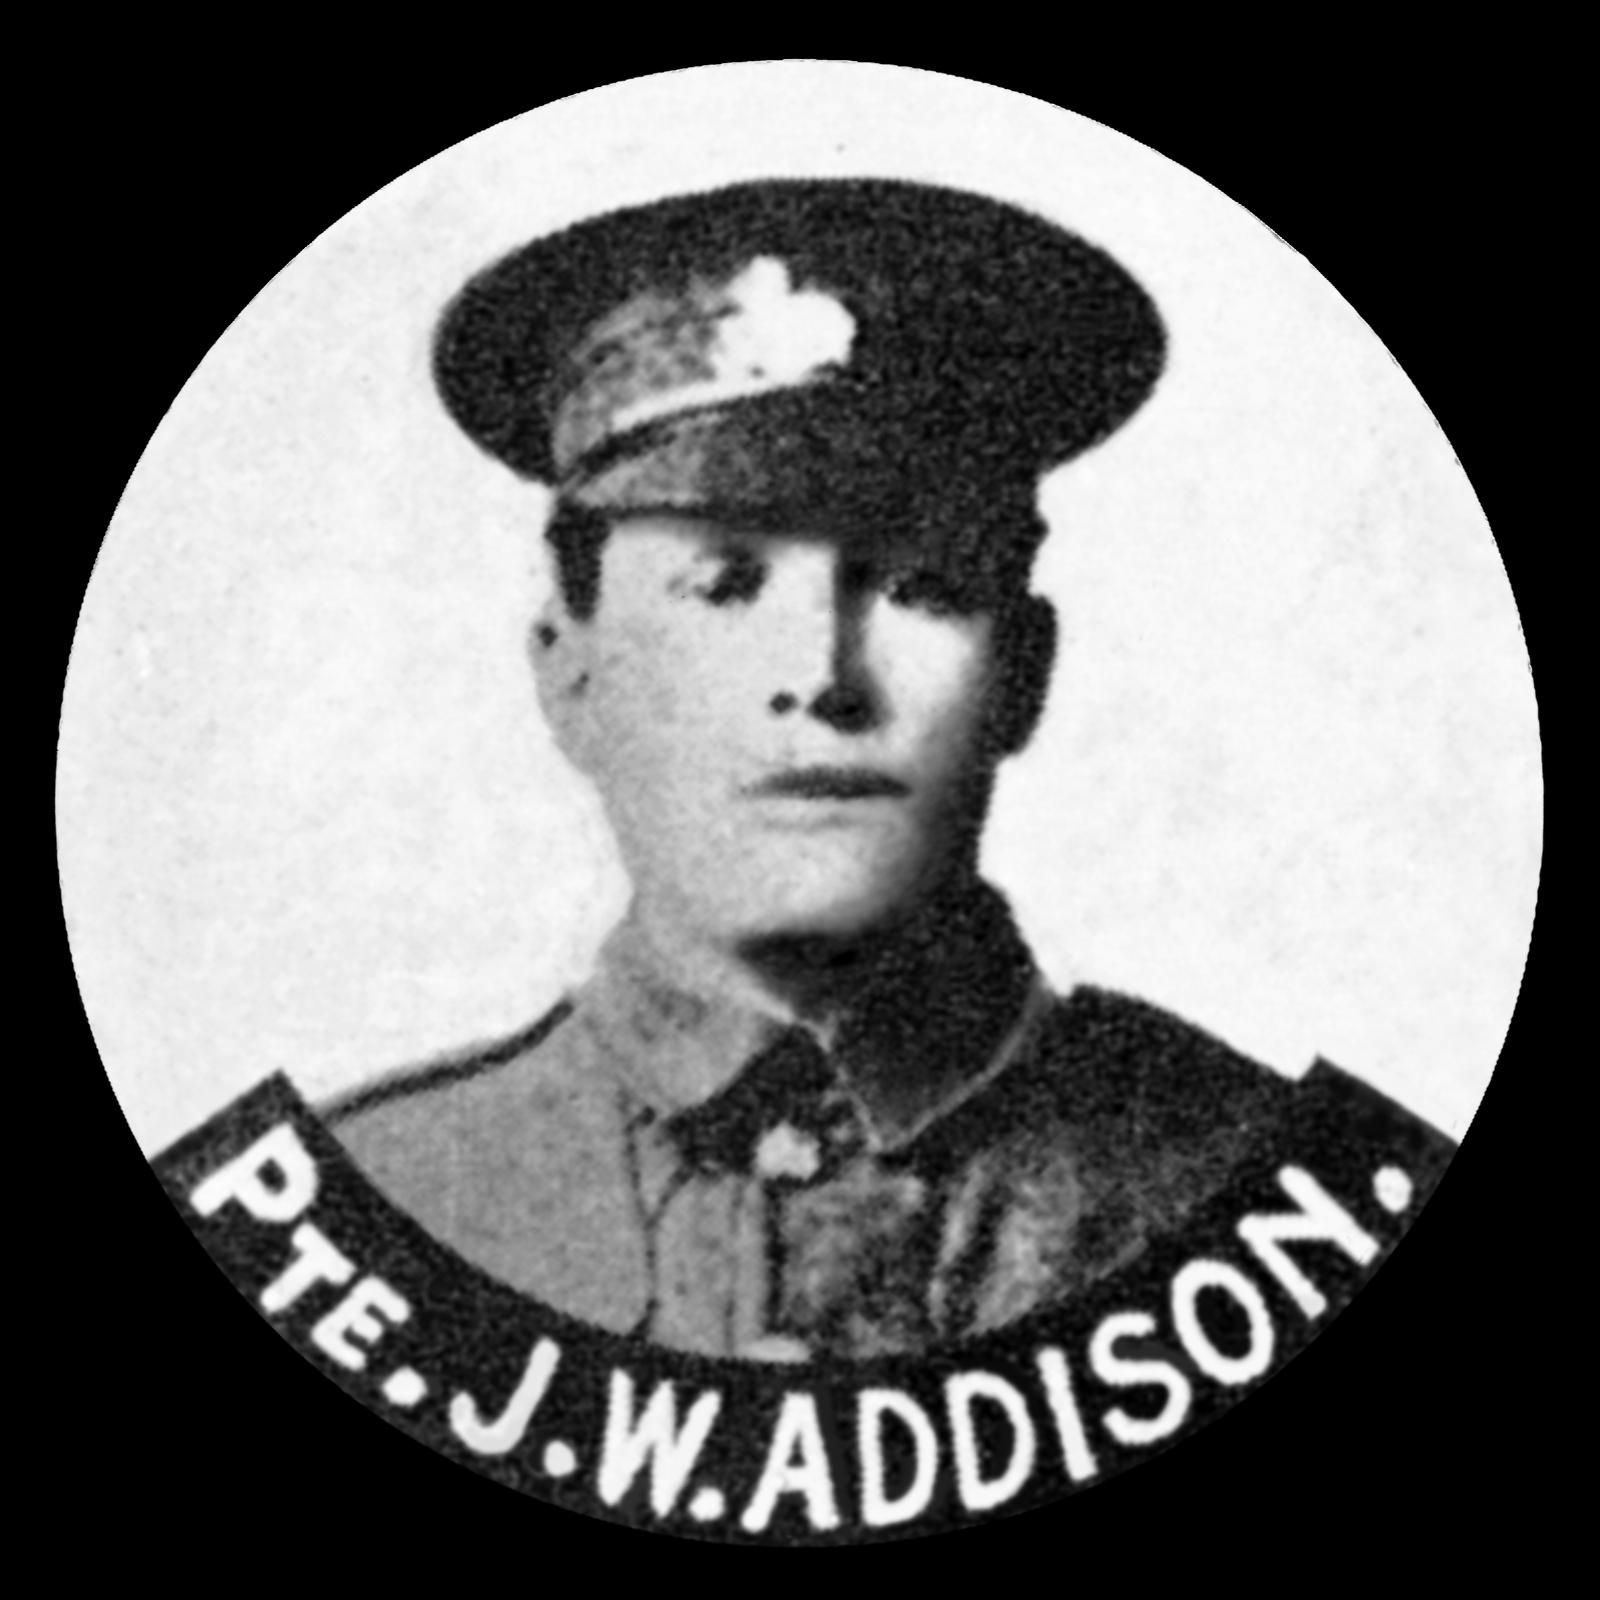 ADDISON James William